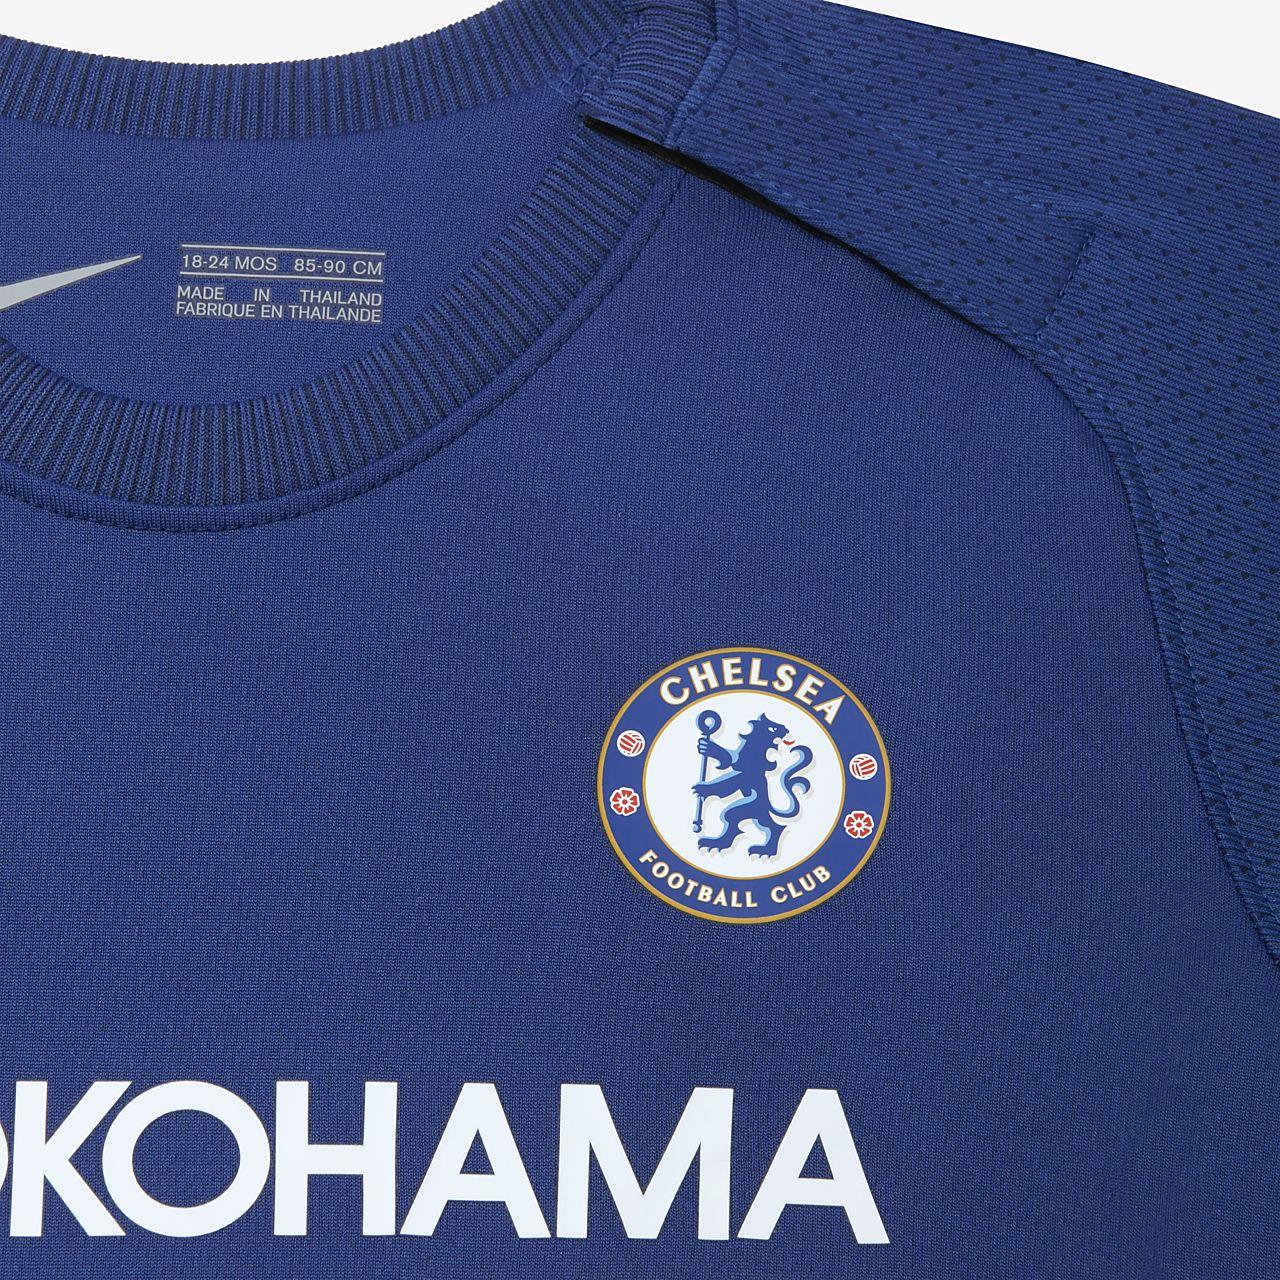 Kit de fútbol para bebé Chelsea FC de local para aficionados ... a9adf2eec6a47